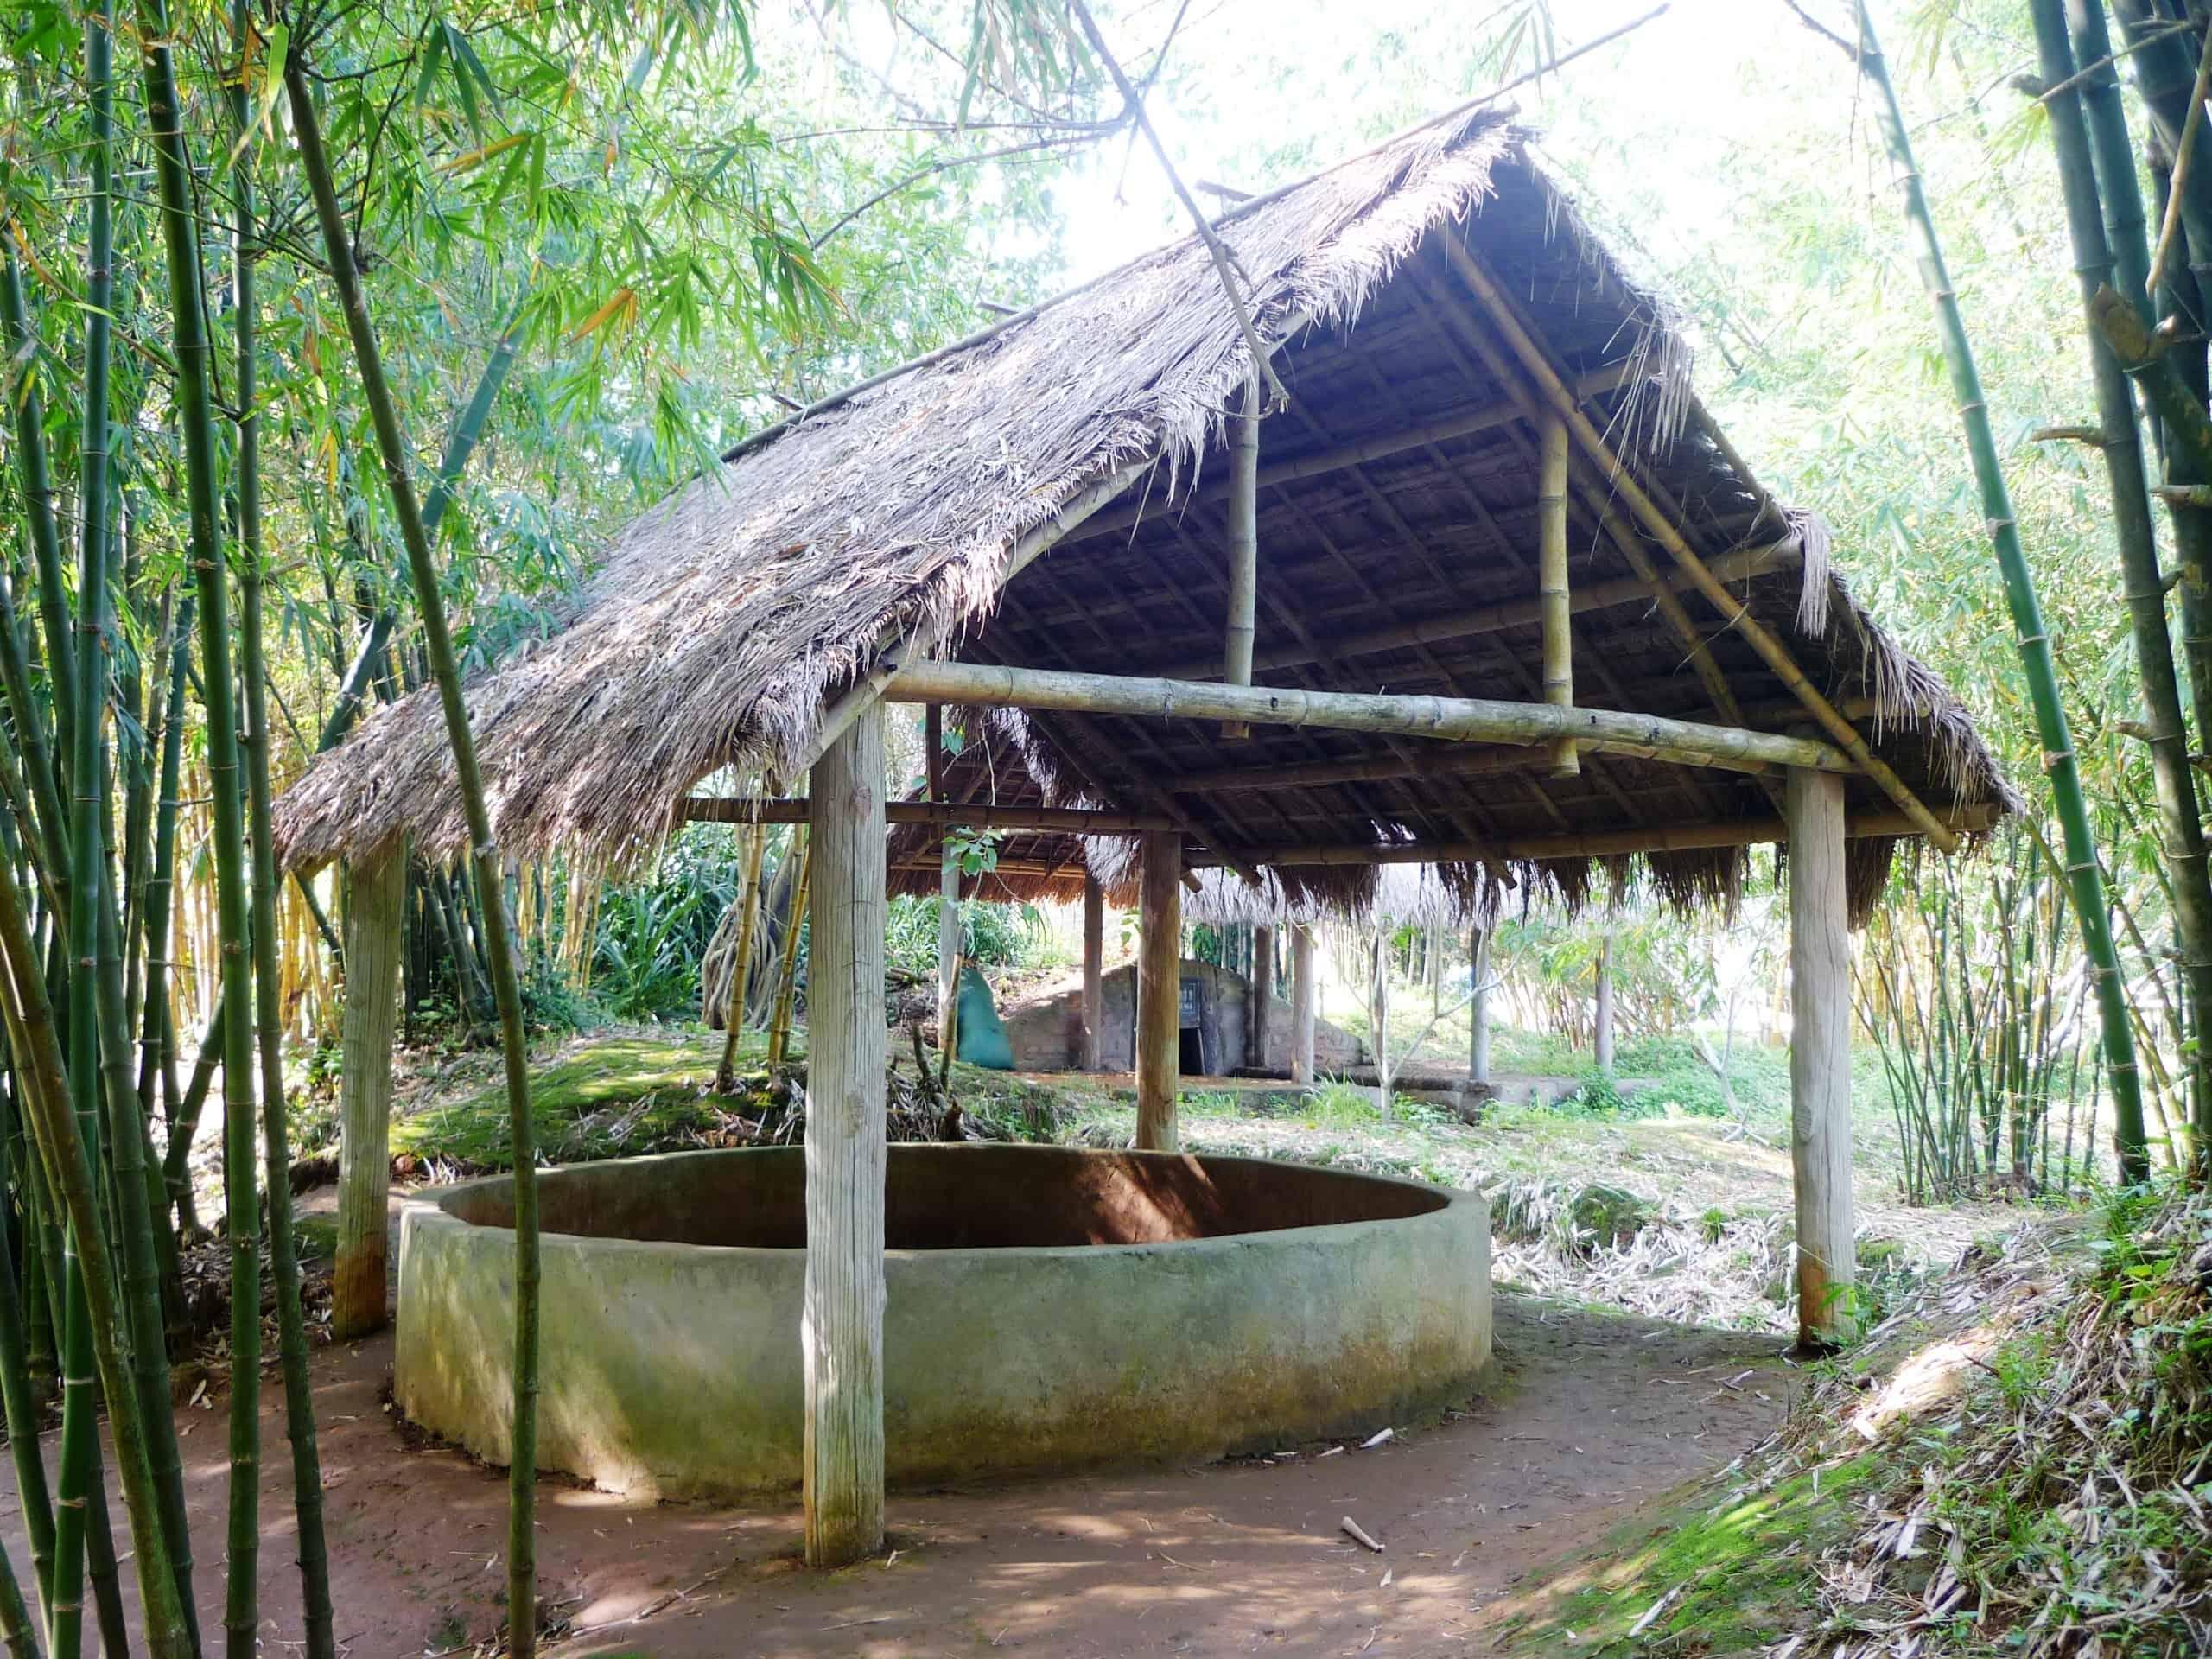 Địa đạo Vĩnh Mốc - địa điểm du lịch Quảng Trị